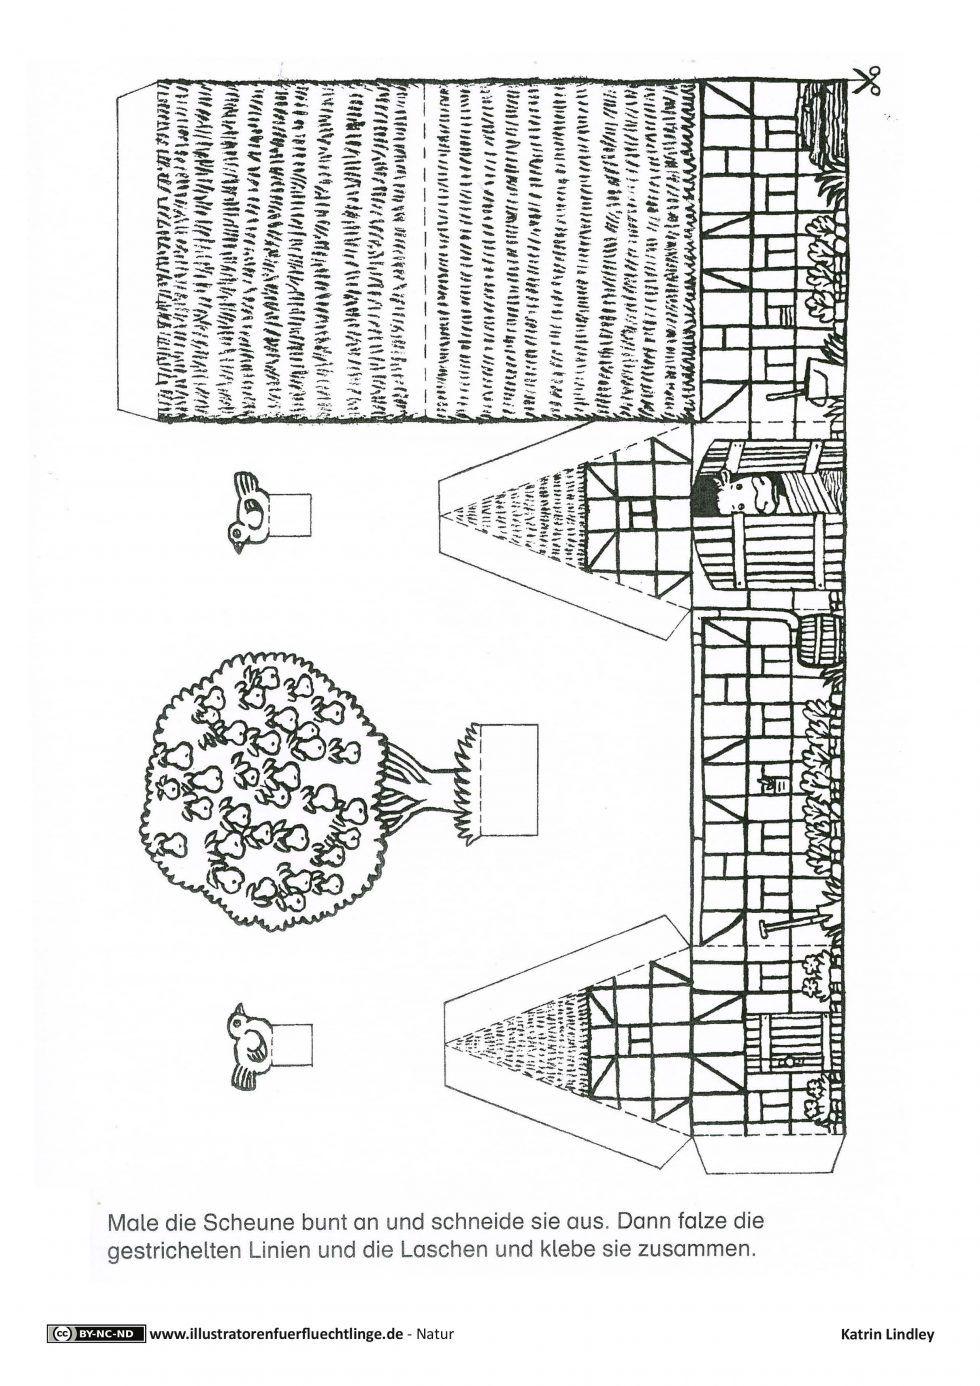 Download Als Pdf 4 Seiten Natur Bauernhof Haus Menschen Tiere Bastelvorlage Lindley Casette